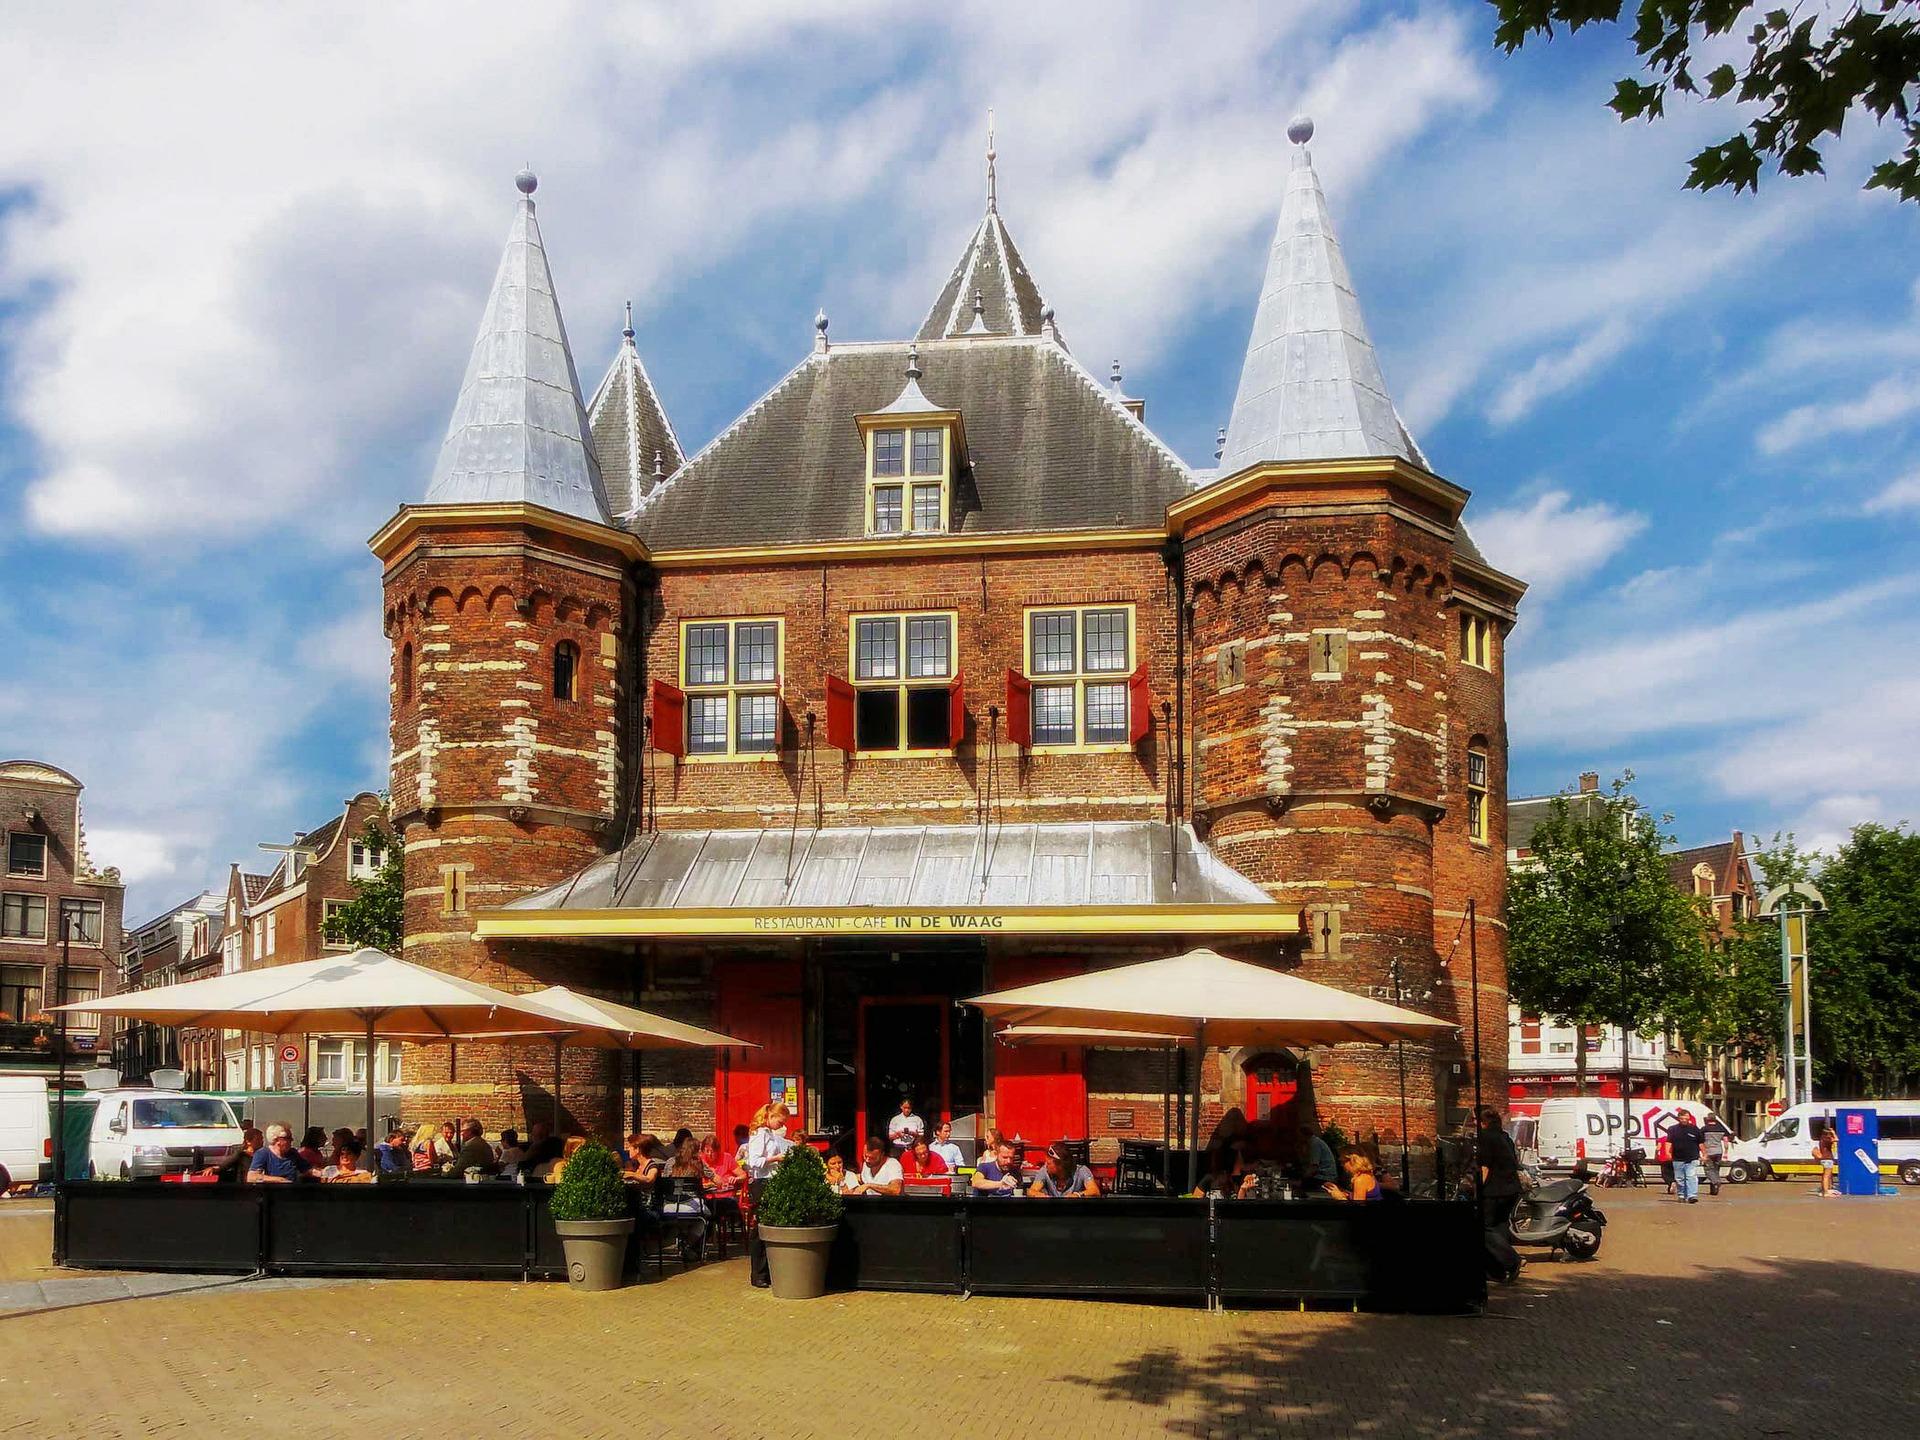 Tipp für Päärchen in Amsterdam - wenn das Budget mitmacht könnt Ihr hier nett ausgehen